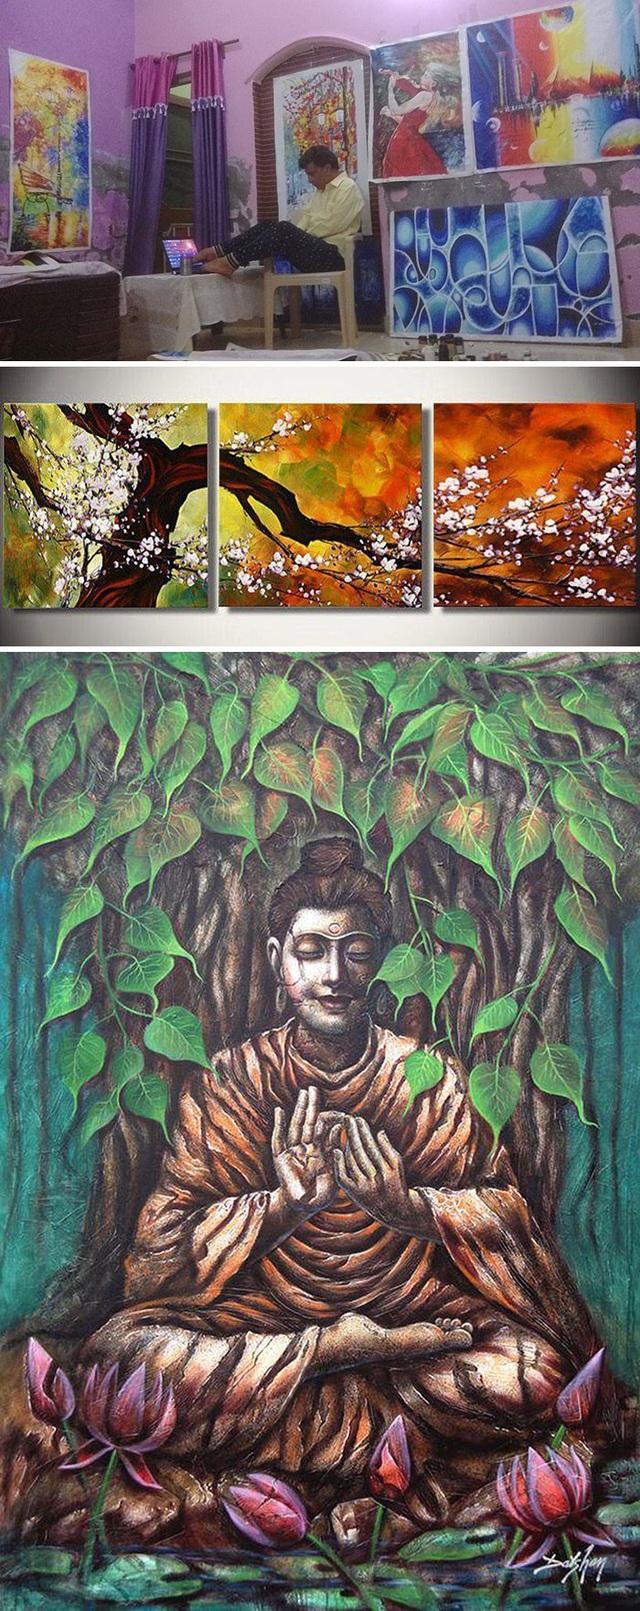 Dù chỉ có thể cầm cọ bằng đôi chân, Uttam Kumar Bhardwaj vẫn có thể tạo ra những tuyệt tác khiến cả các họa sĩ khỏe mạnh phải nể phục. Được biết, trong sự nghiệp của mình, người đàn ông khuyết tật này đã giành được đến 33 giải thưởng danh giá của lĩnh vực hội họa.